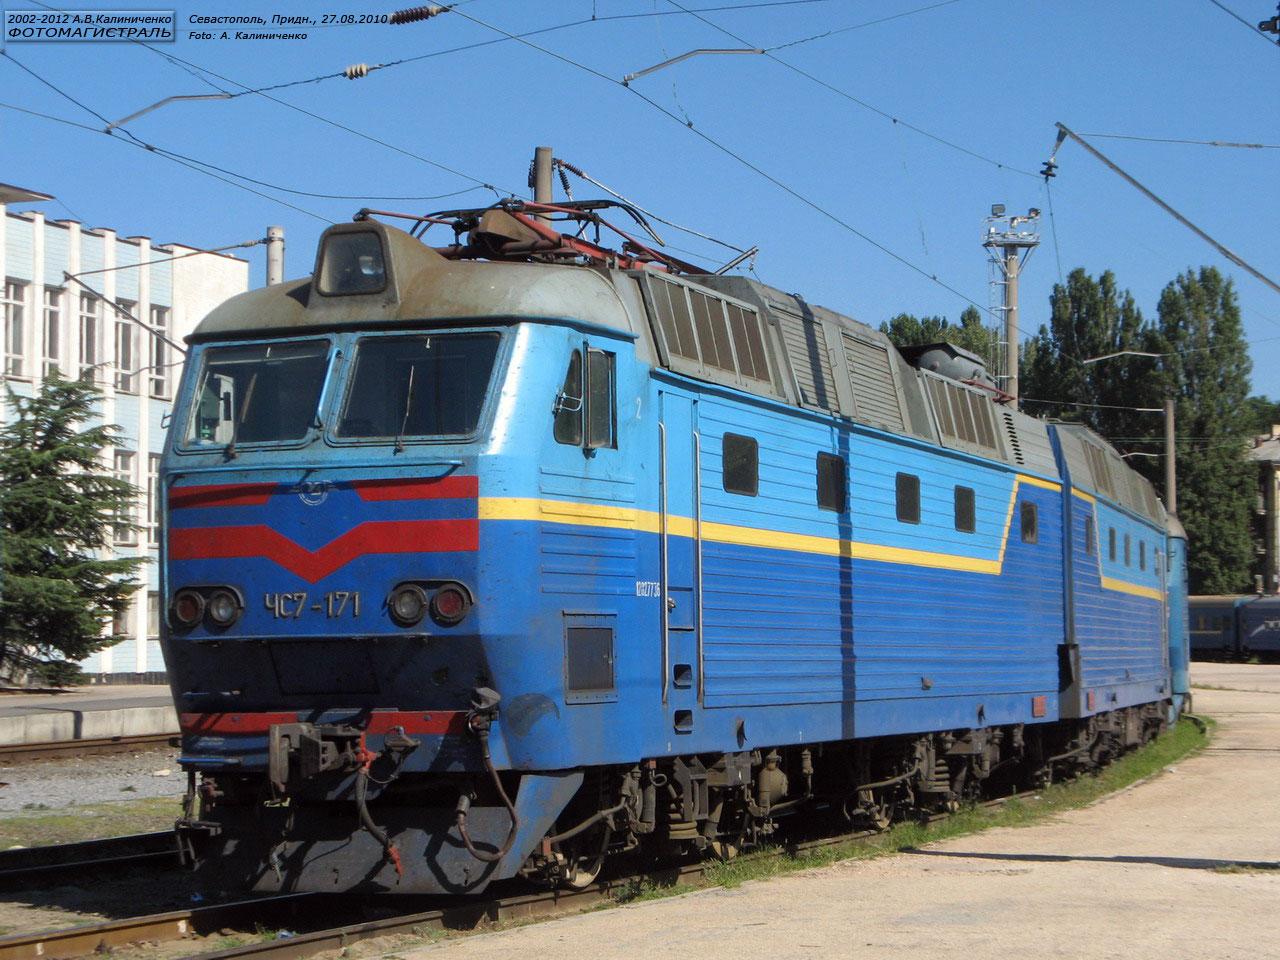 Расписание поездов с харькова до москвы цена